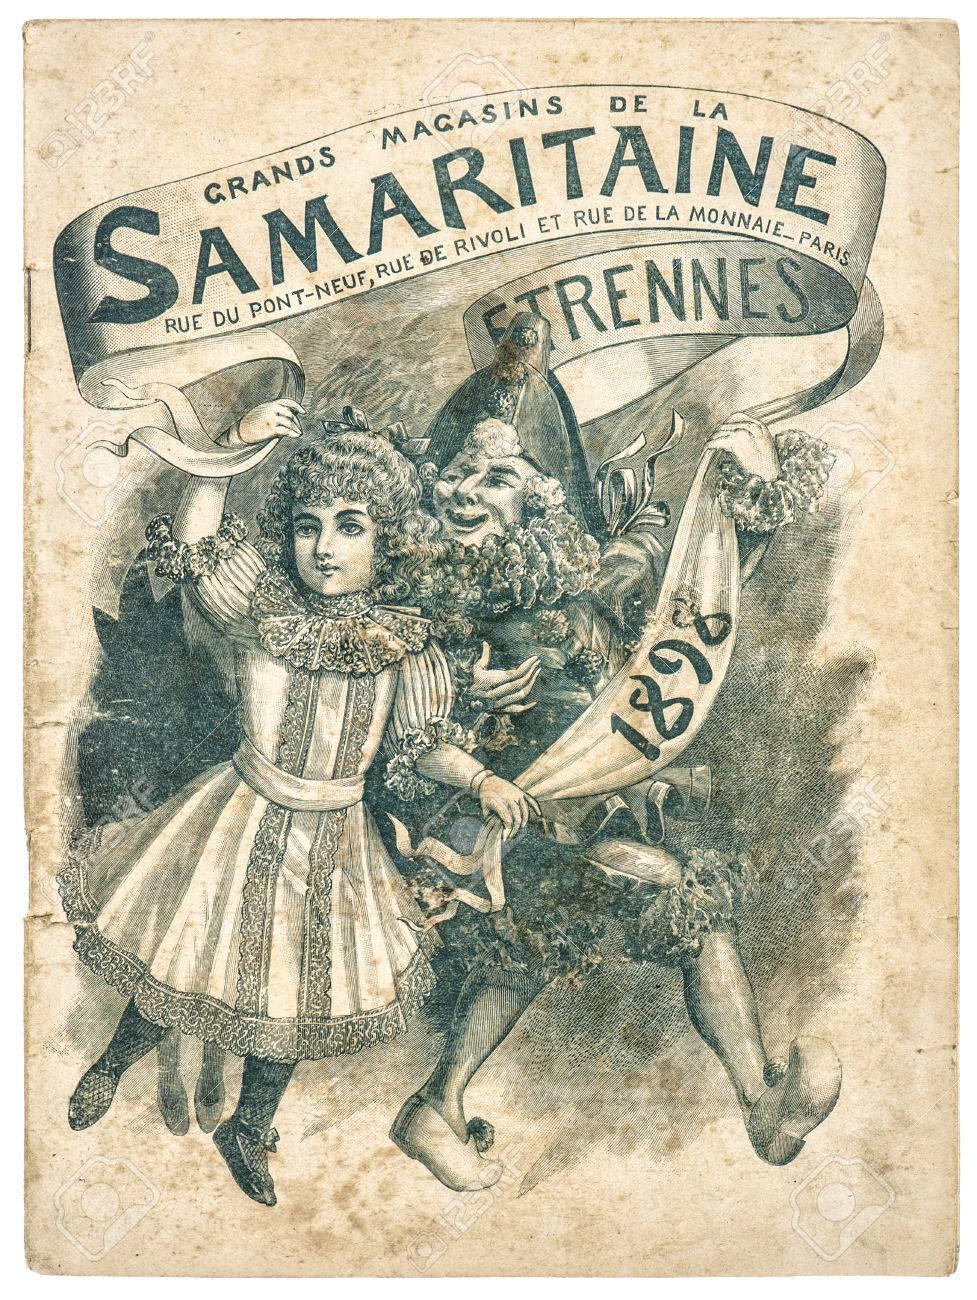 la publicite de magasin d antiquites couverture de catalogue de vente d origine de la samaritaine paris france vers 1898 banque d images et photos libres de droits image 29541690